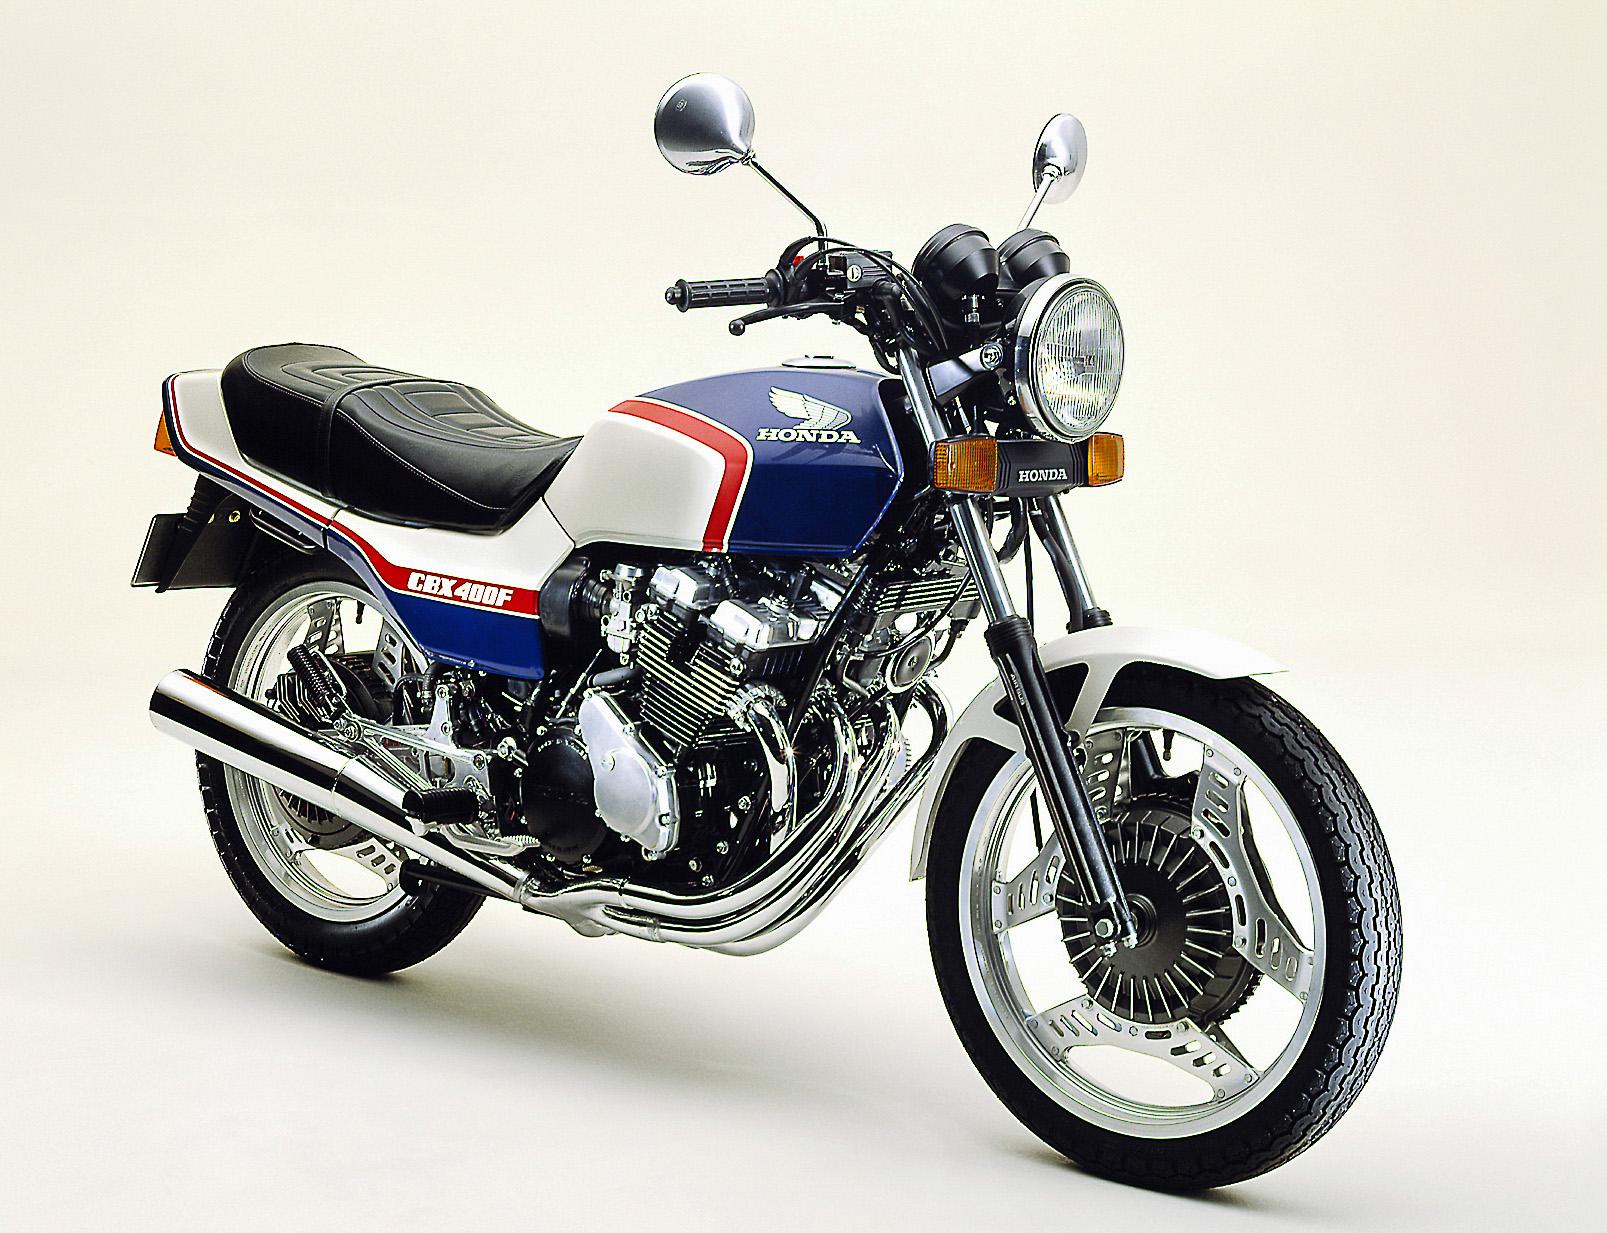 HONDA CBX 400F (1981-1984)